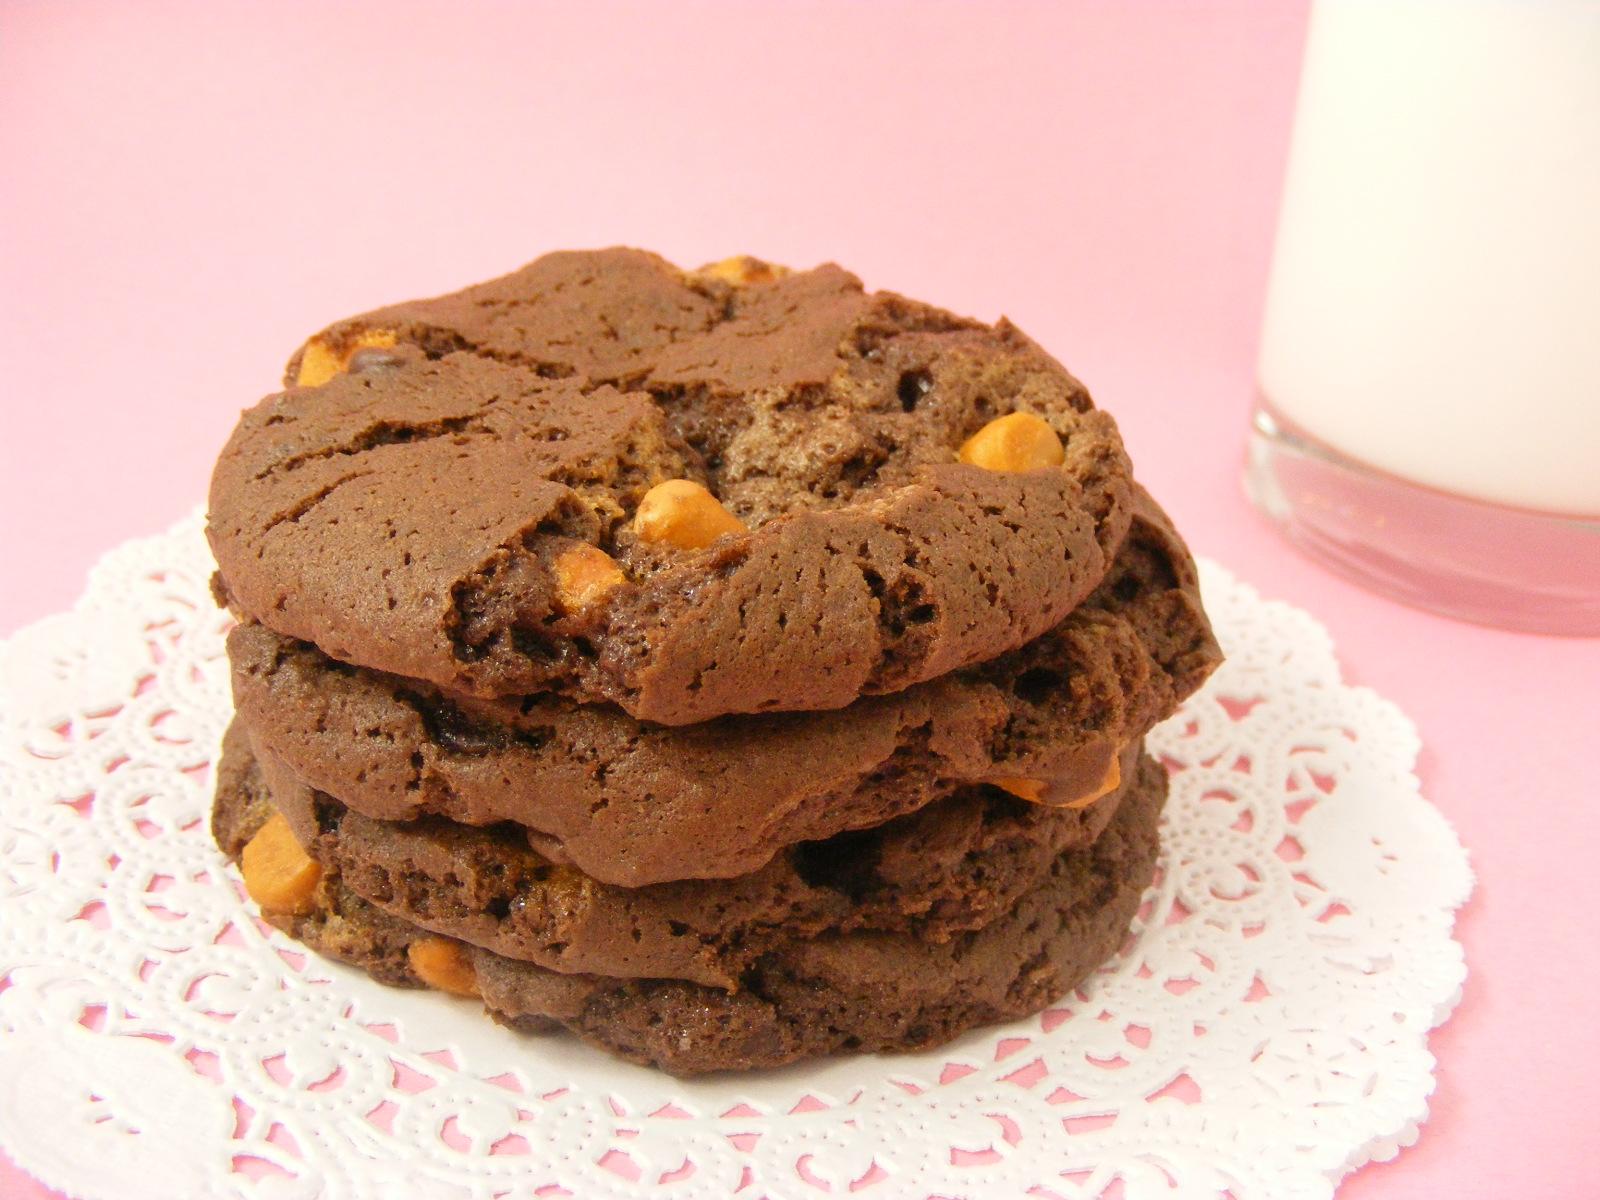 Butterscotch Choc Cookies